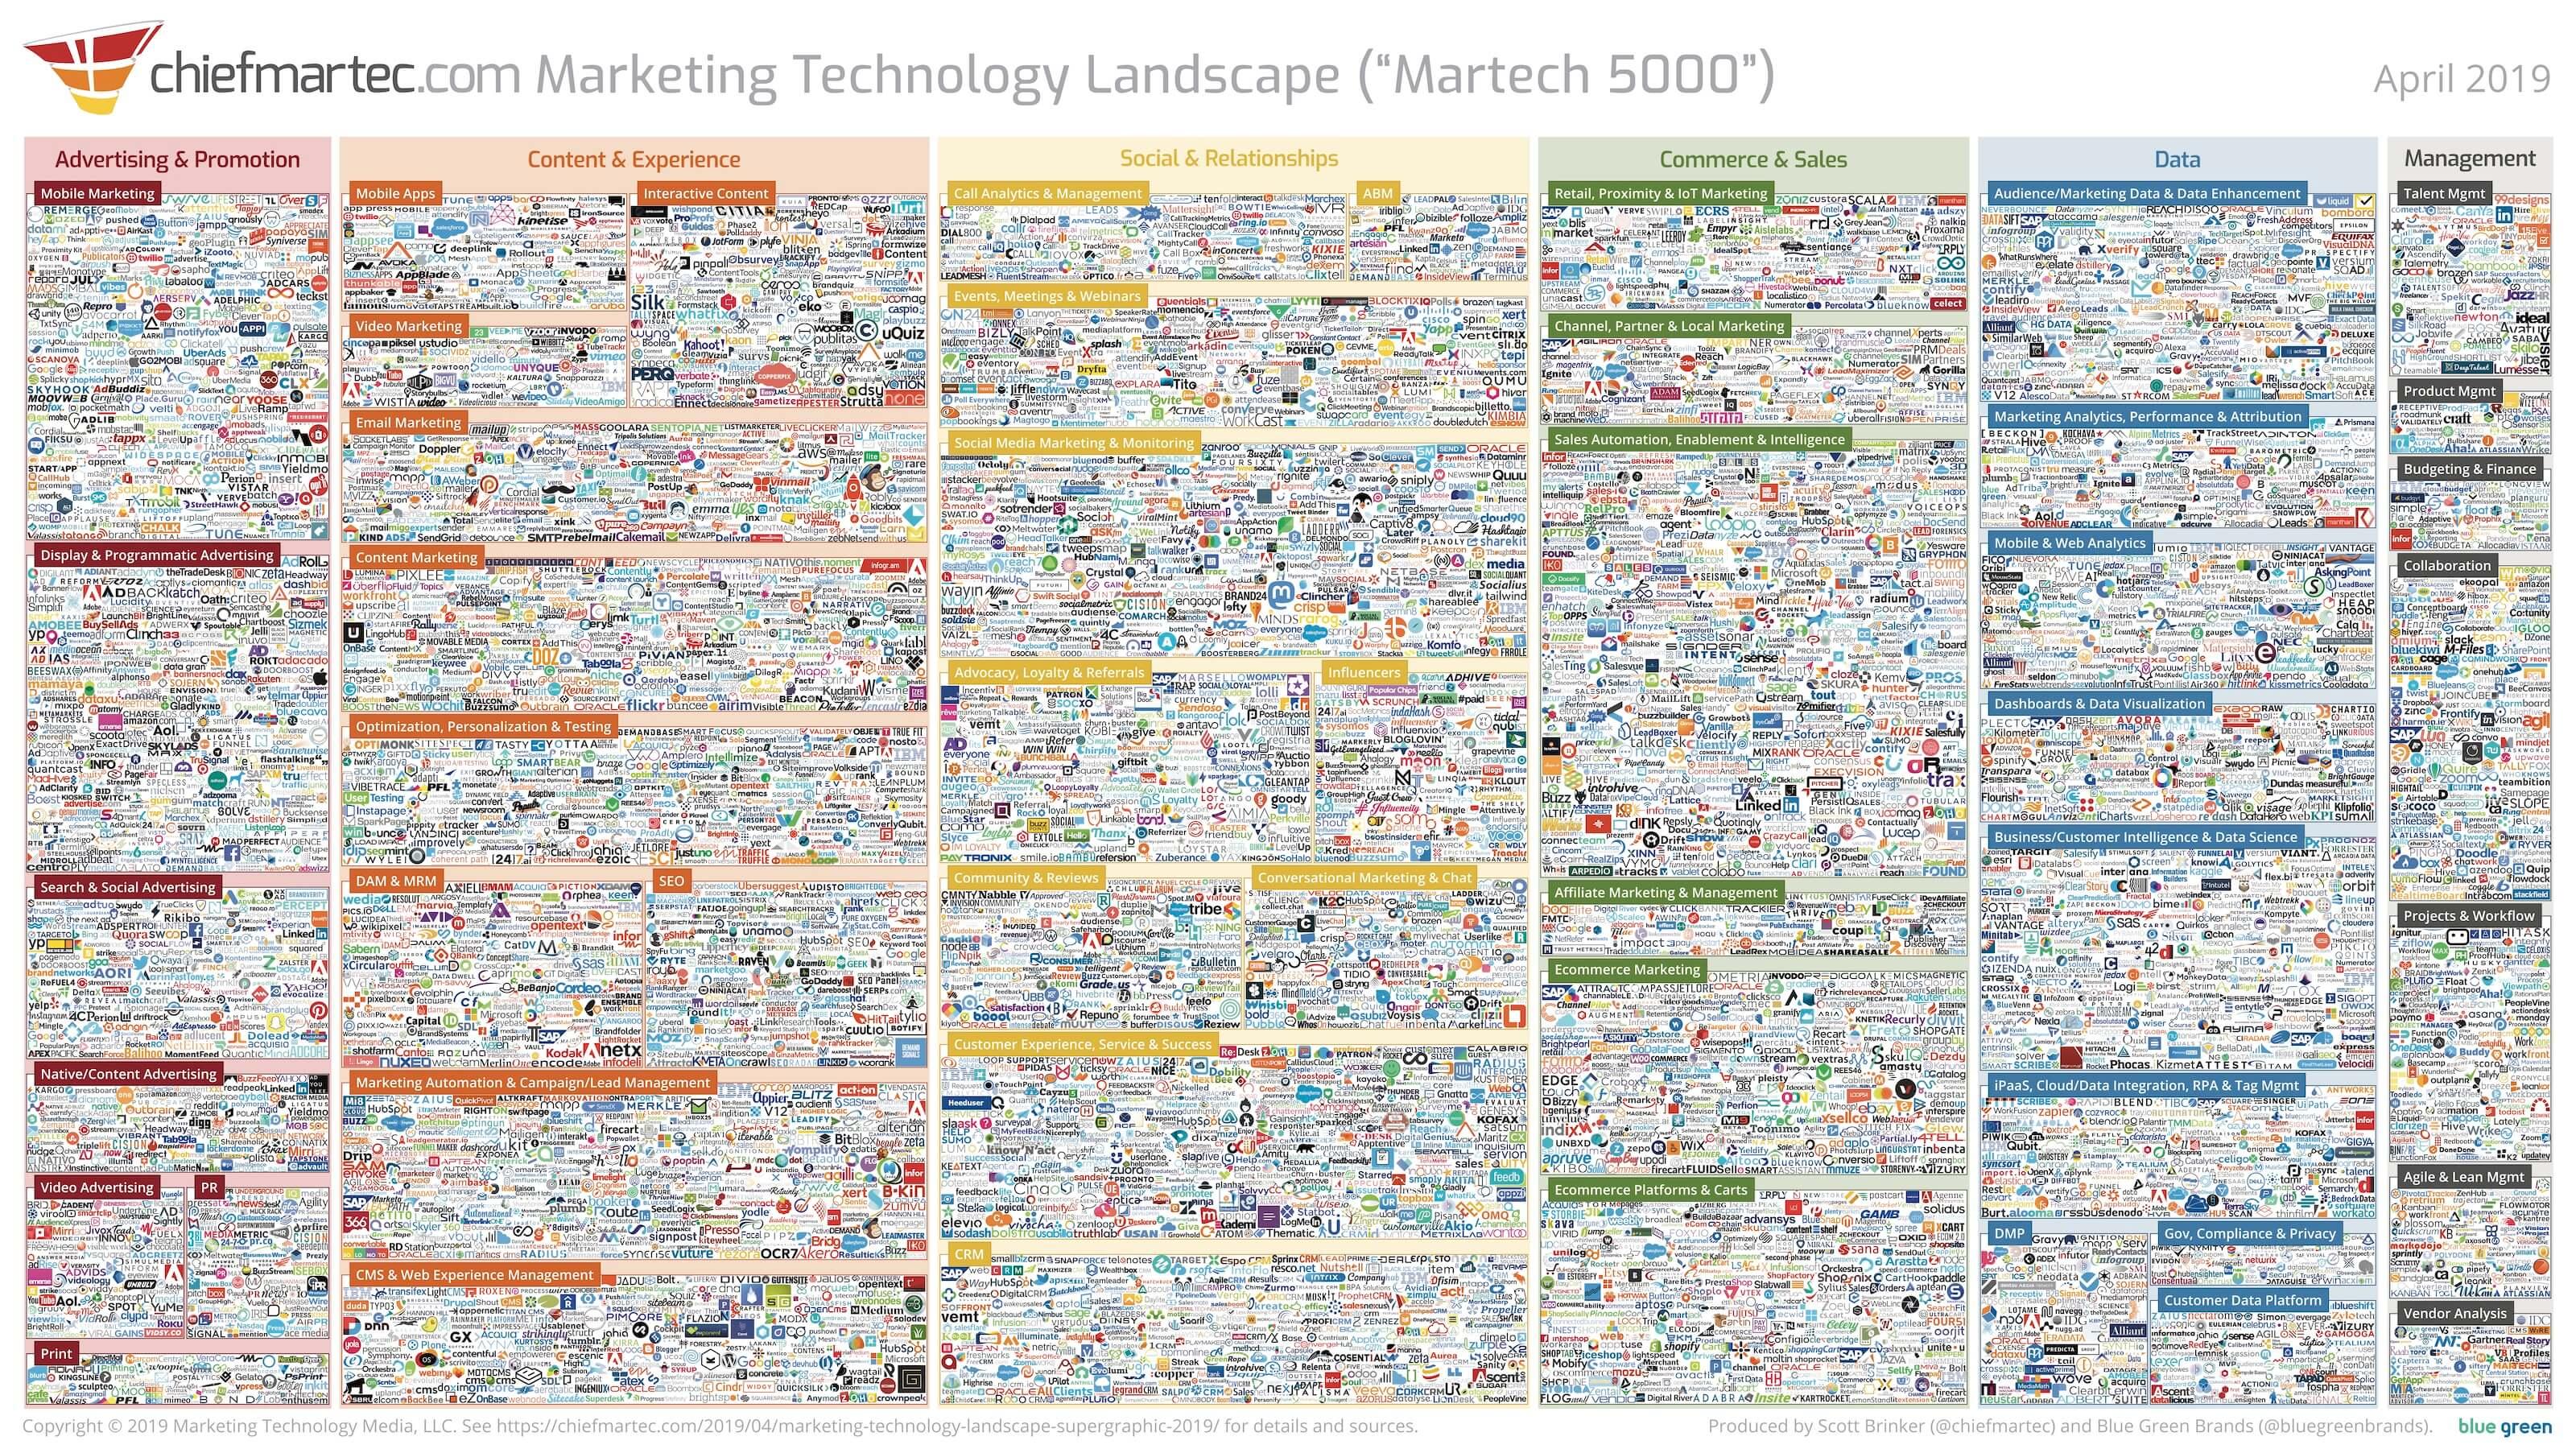 Marketing Technology Landscape Supergraphic (2019)